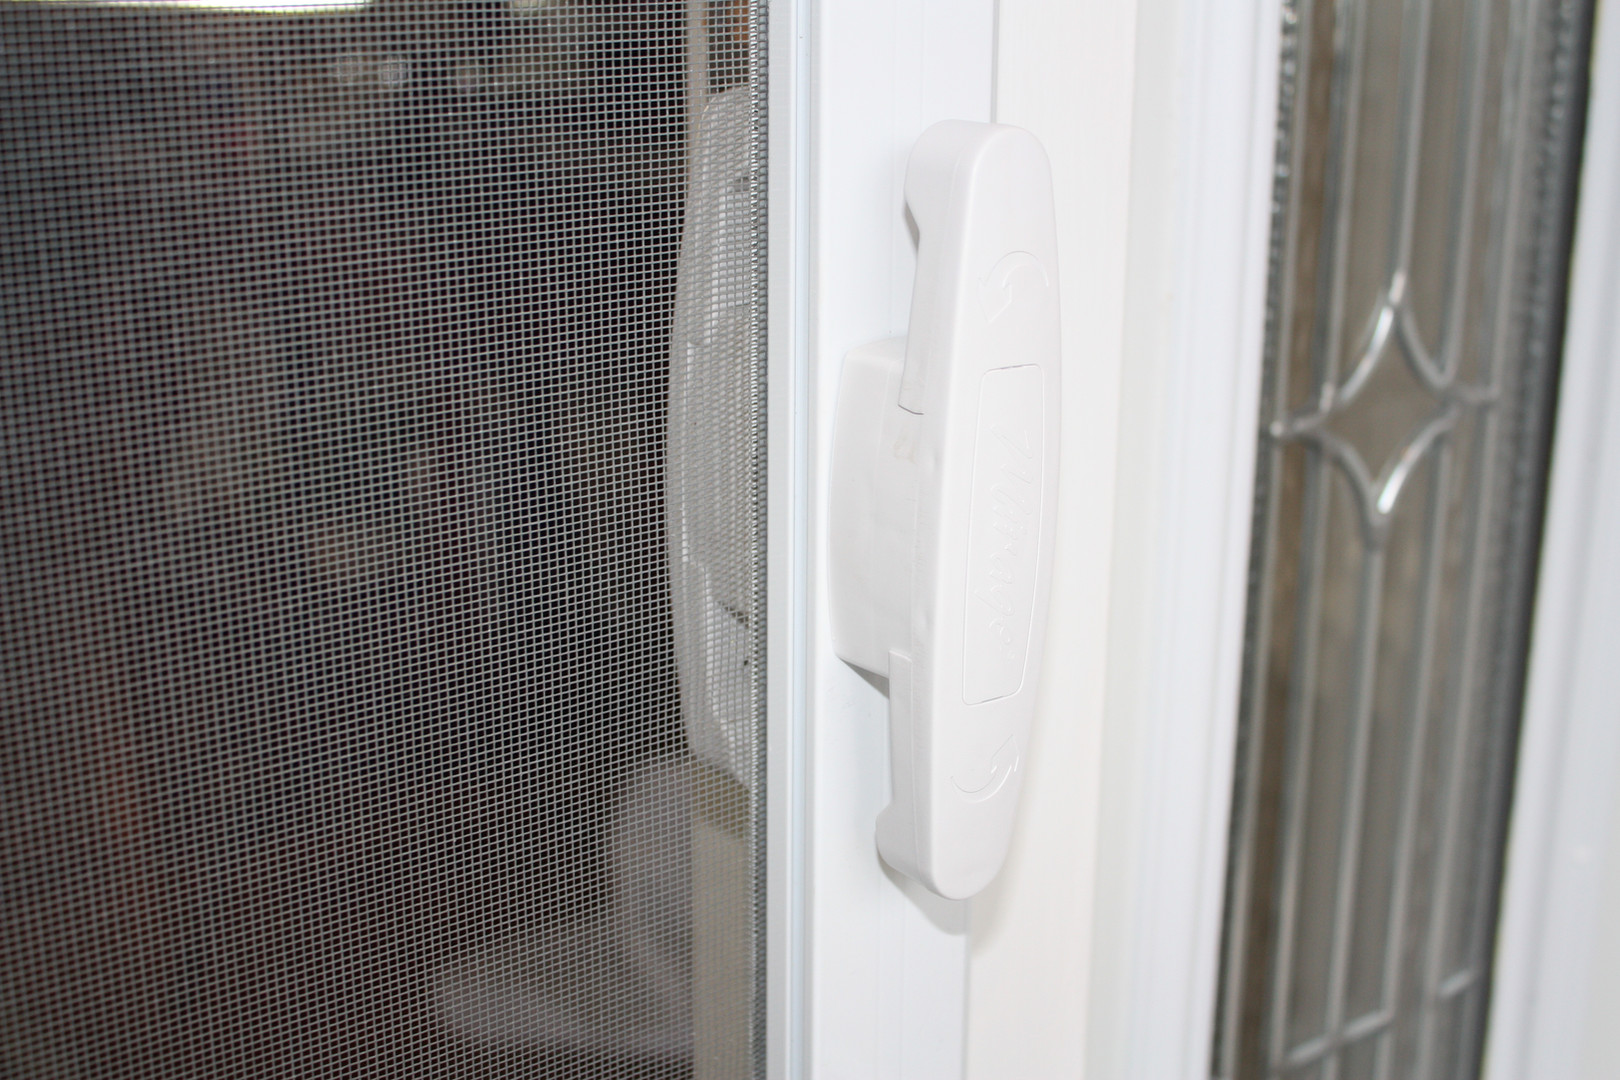 Pivot pro handle Mirage Retractable screen door